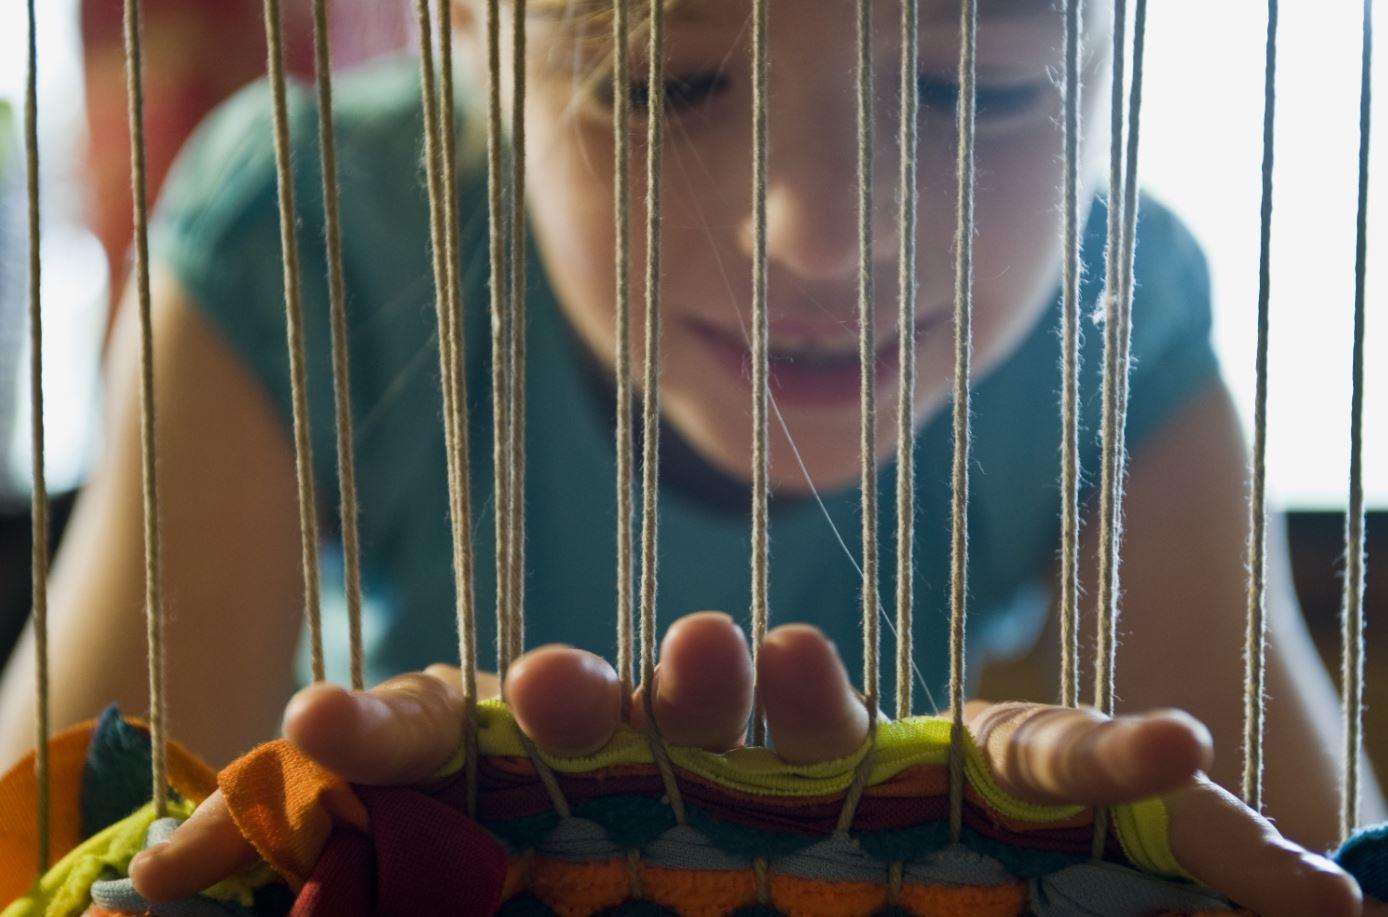 https://www.basingstokefestival.co.uk/wp-content/uploads/2019/05/The-Vyne-weaving.jpg